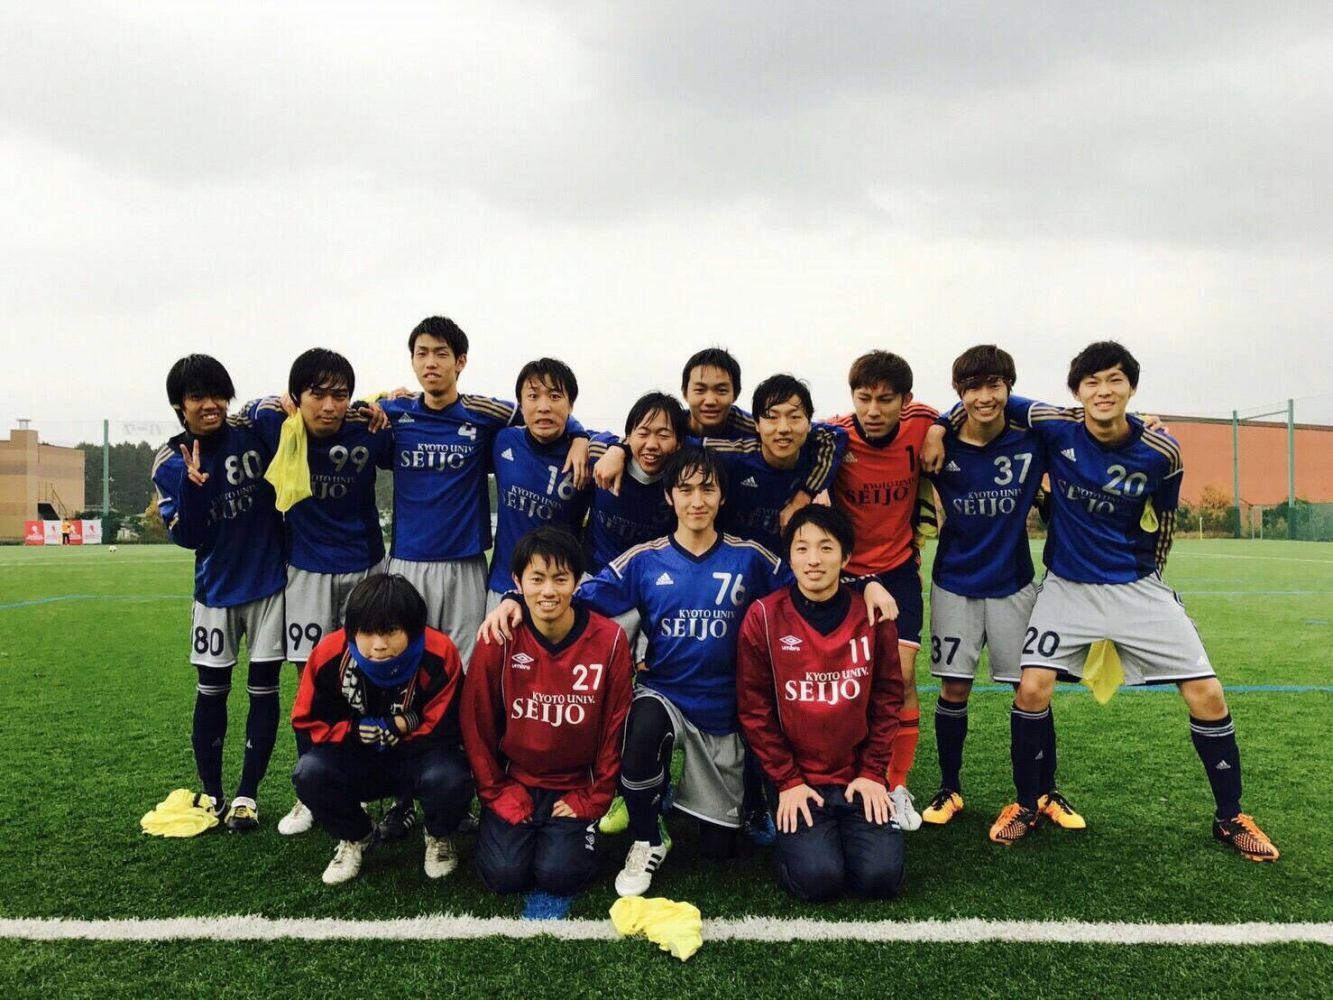 青城サッカークラブ